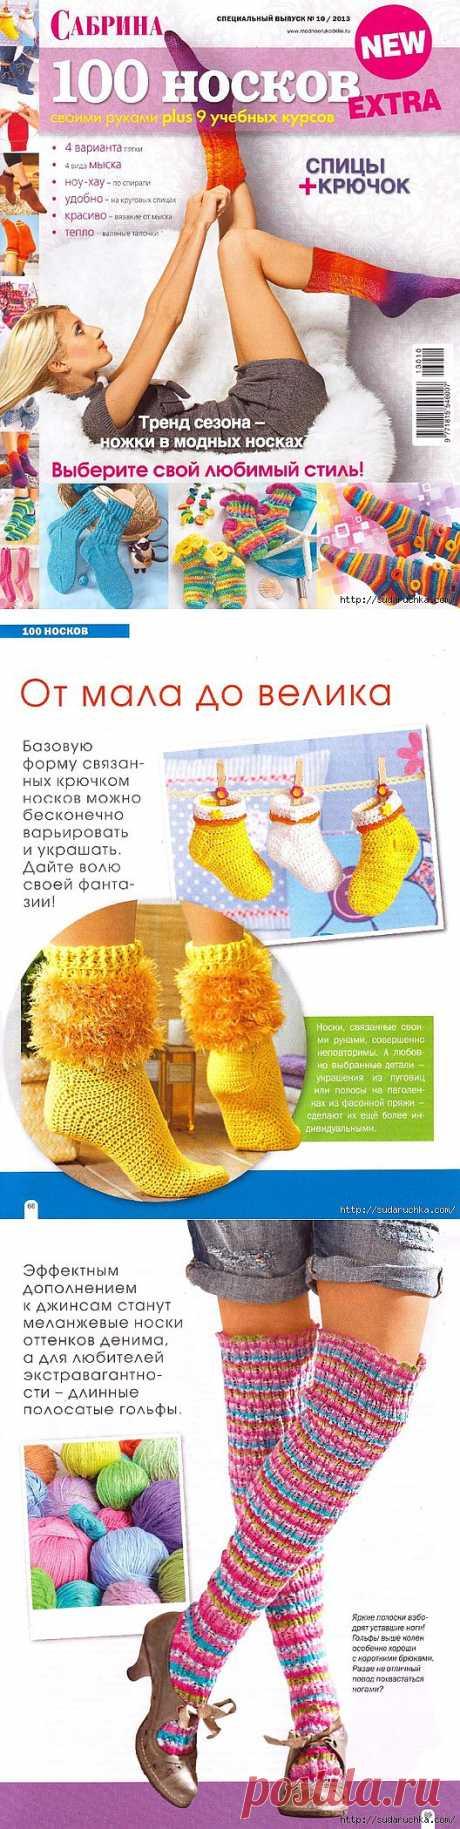 """""""Сабрина - 100 носков спицами и крючком"""".Журнал по вязанию.."""